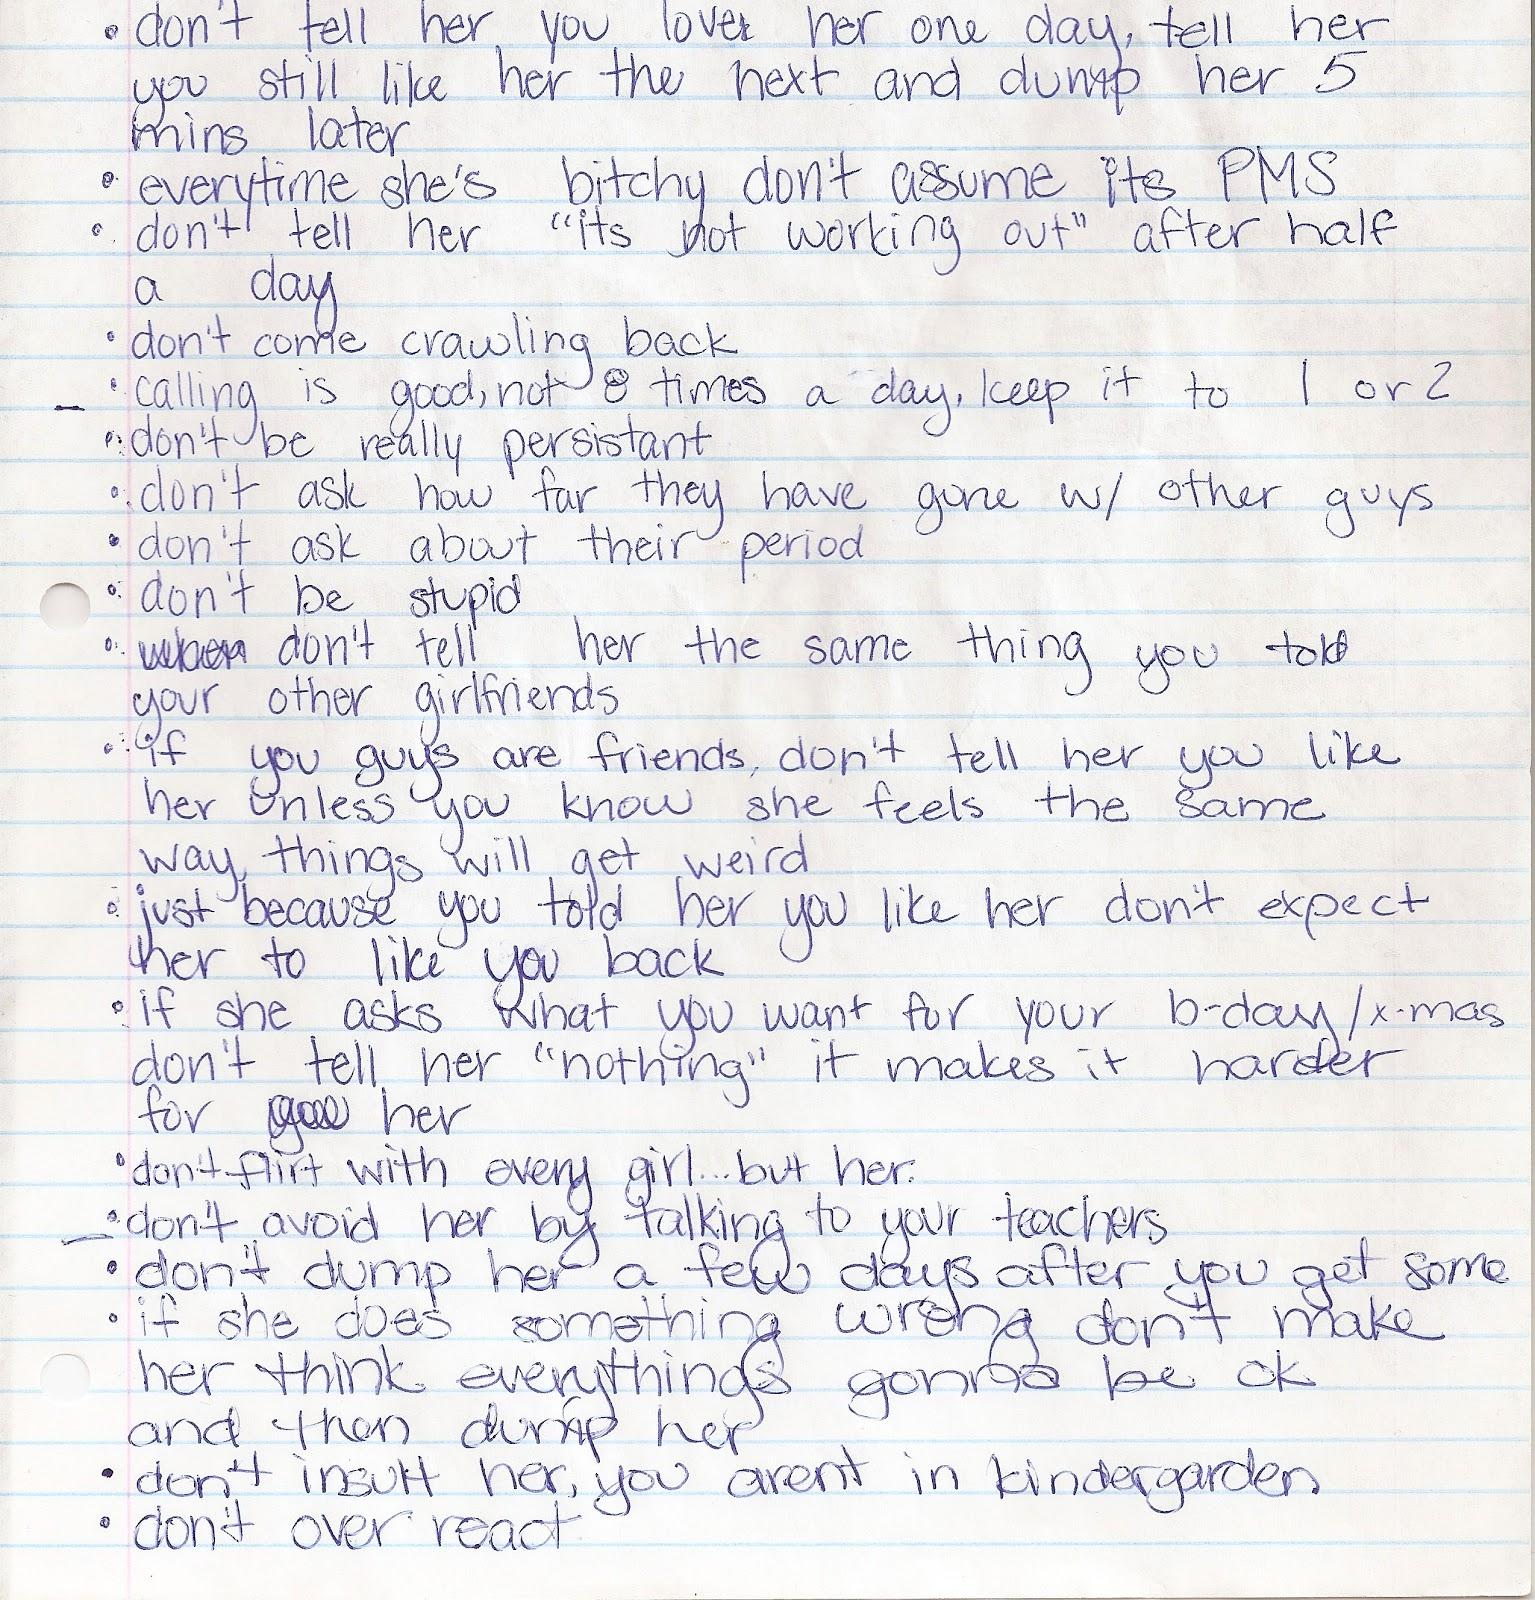 http://4.bp.blogspot.com/-XRNVyd0OJJQ/TcdX1CZzGfI/AAAAAAAAAE0/bsSs8uTAAlU/s1600/7th_BoyfriendList5.jpeg